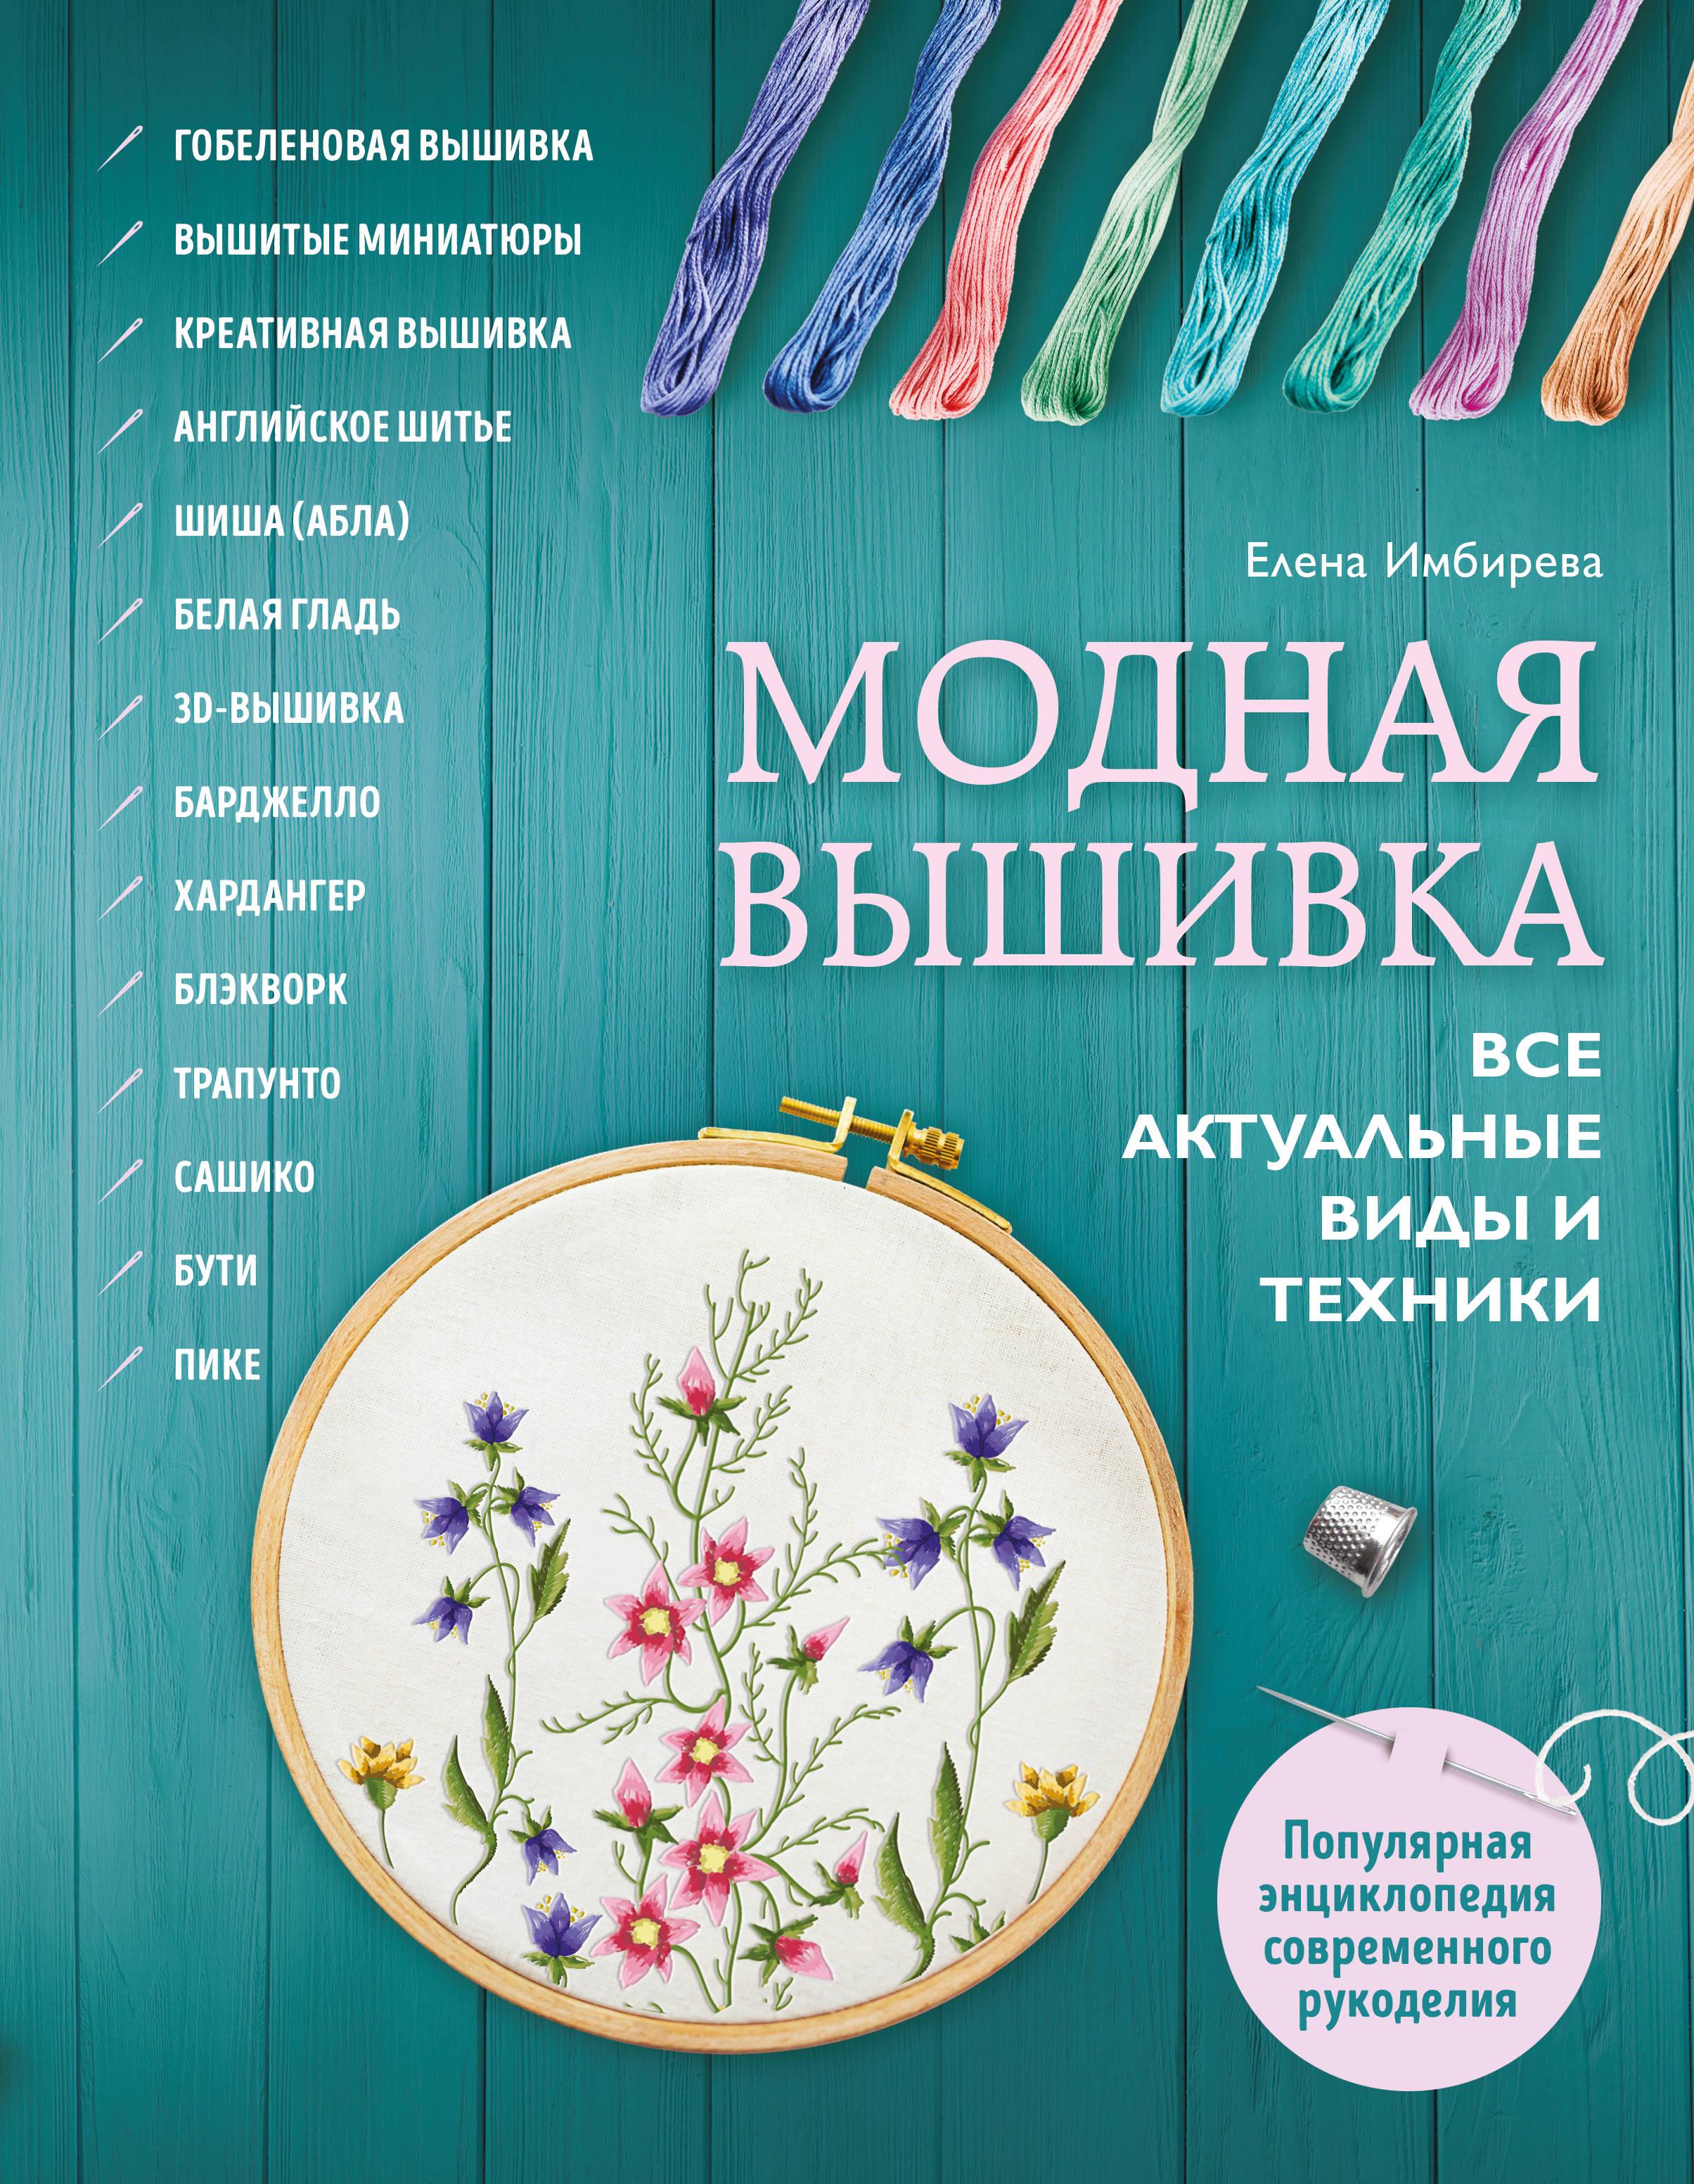 Елена Имбирева Модная вышивка. Все актуальные виды и техники. Энциклопедия современной вышивки